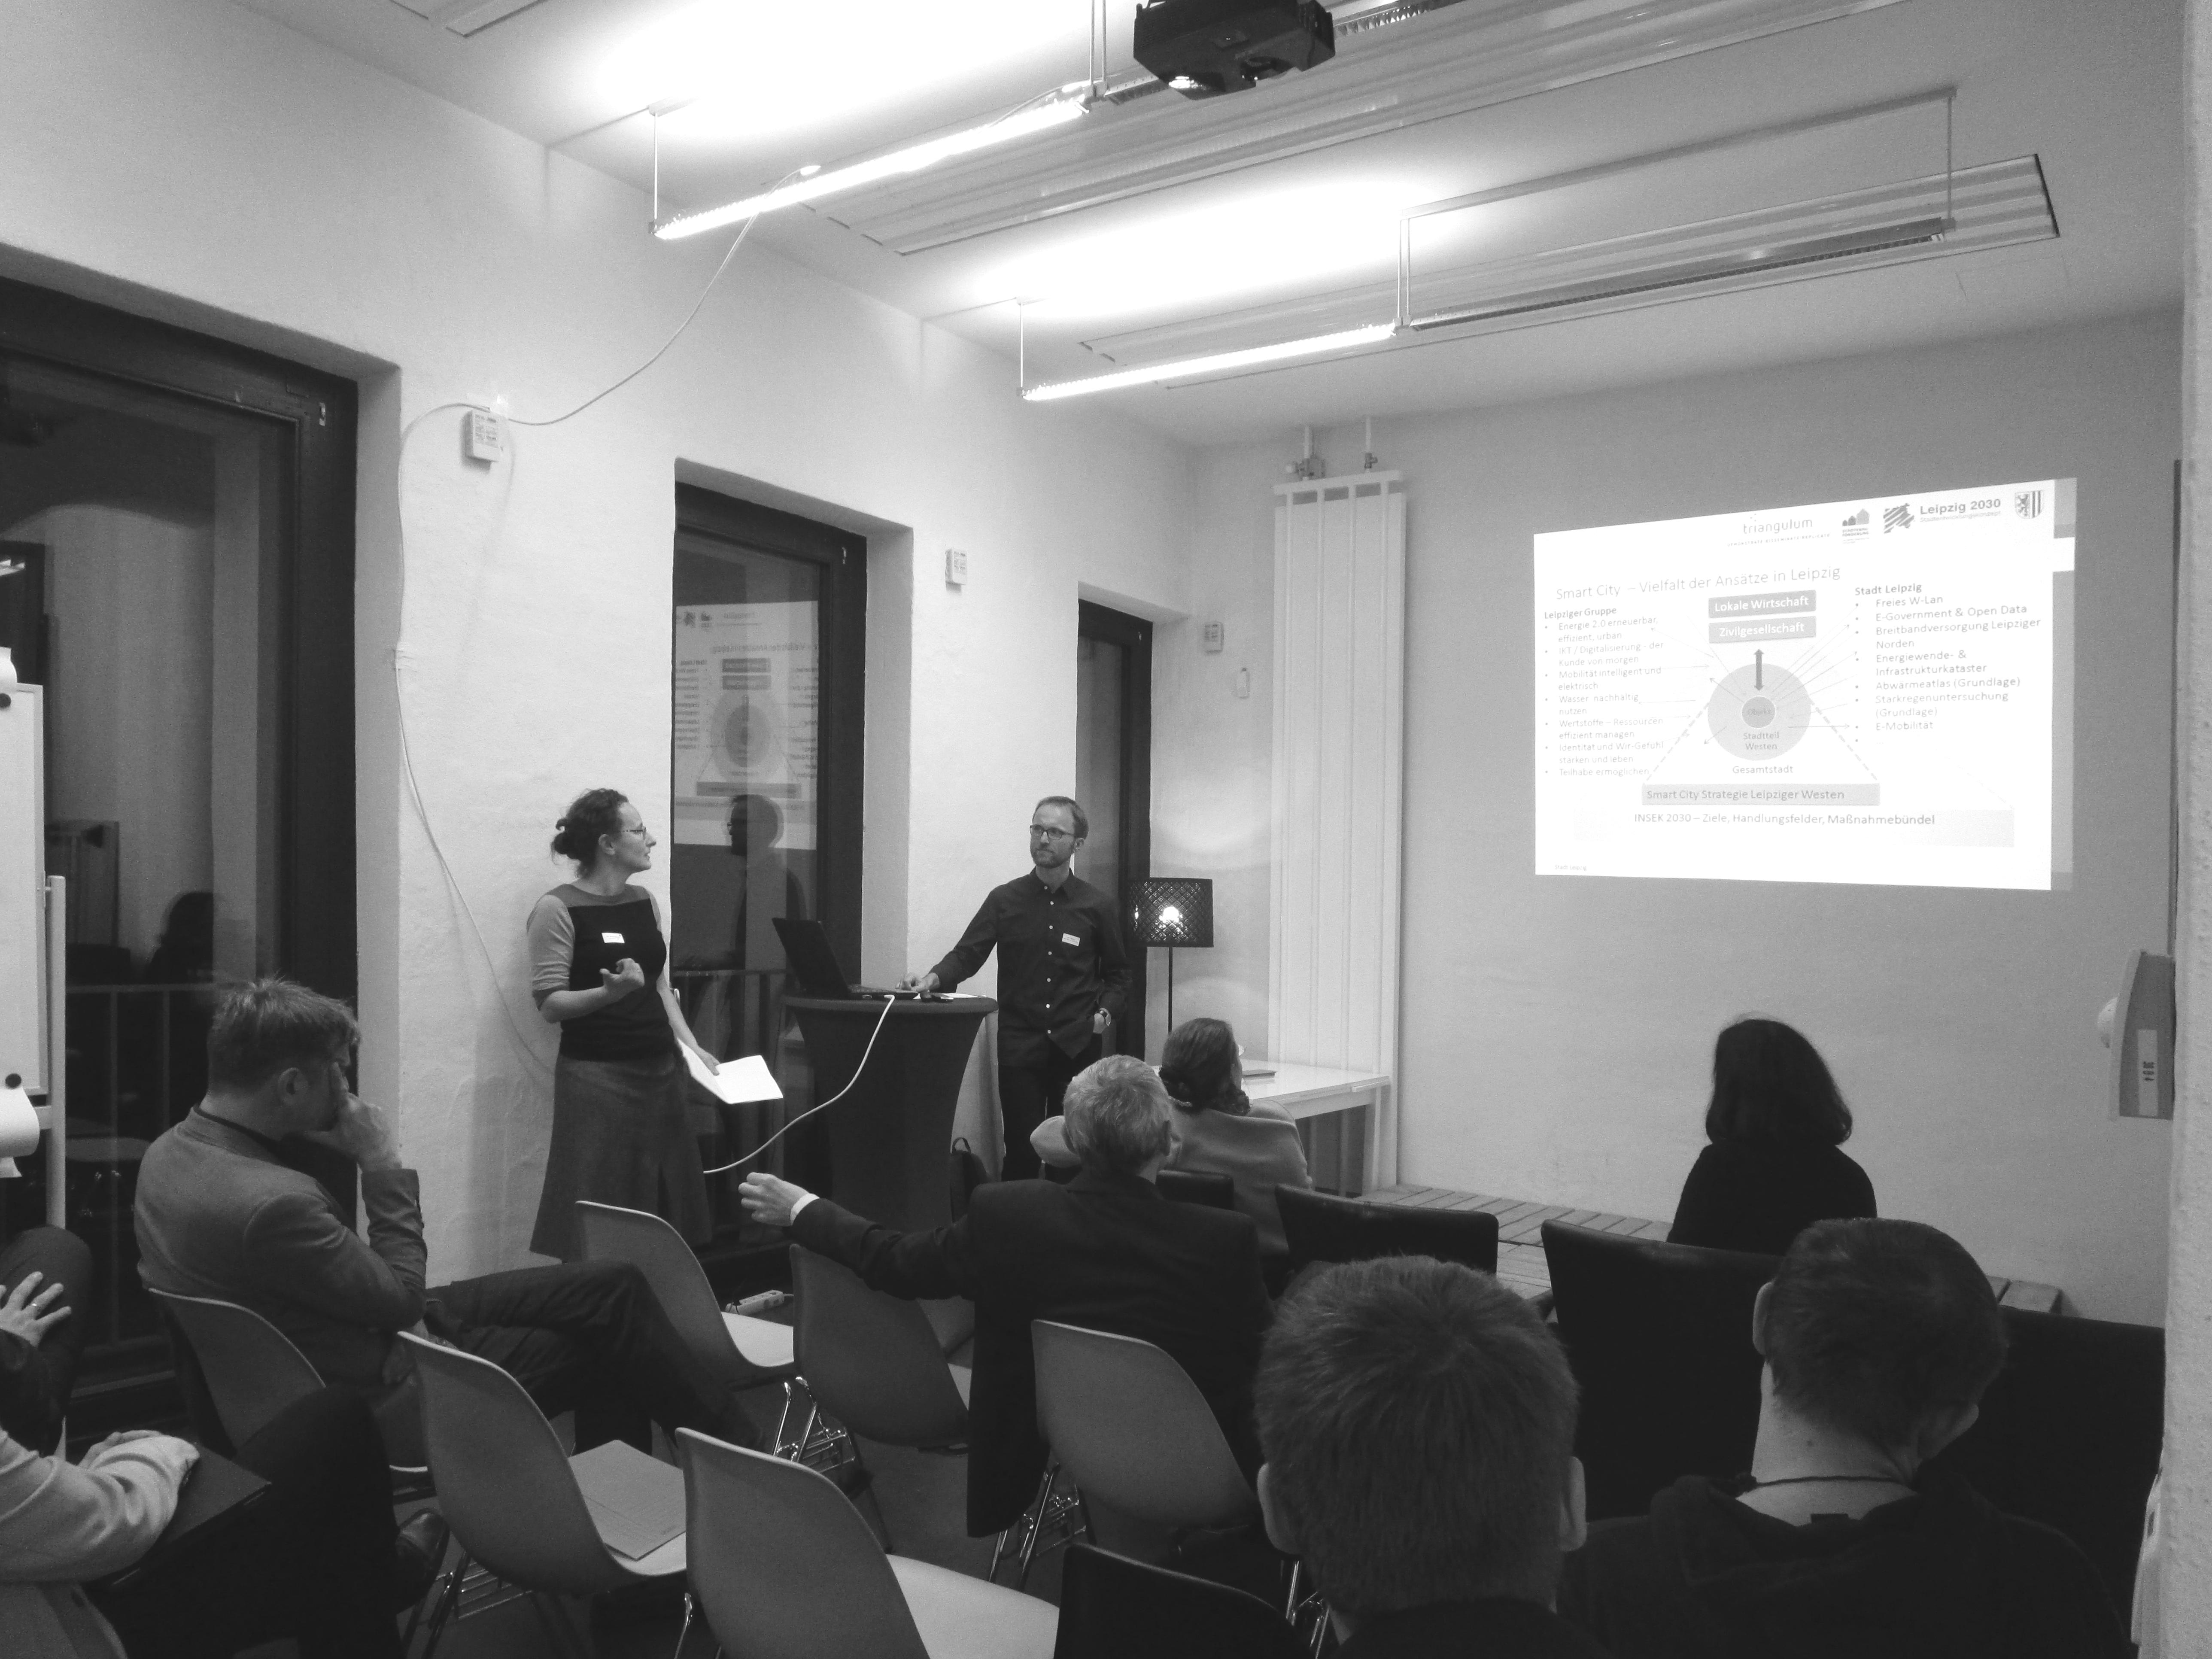 schwarz/weiß Foto vom Vortrag des Werkstattgesprächs